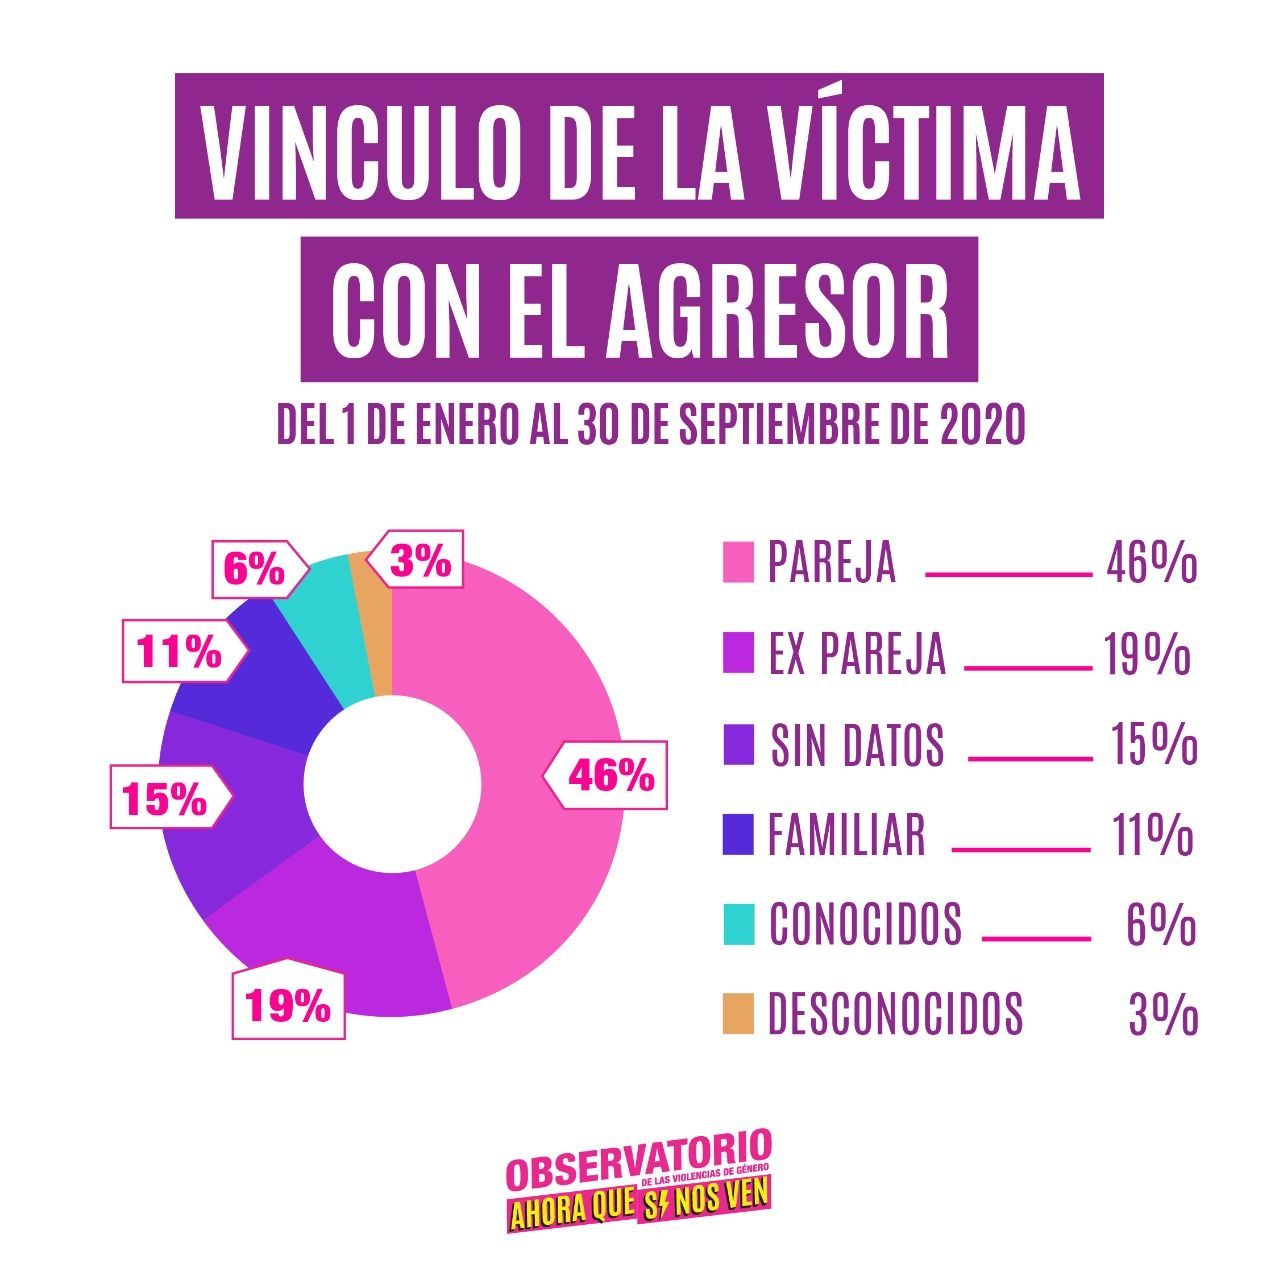 Vinculo con el agresor: 46% pareja, 19% ex pareja, 11% familiar, 6% conocidos y 18% otros